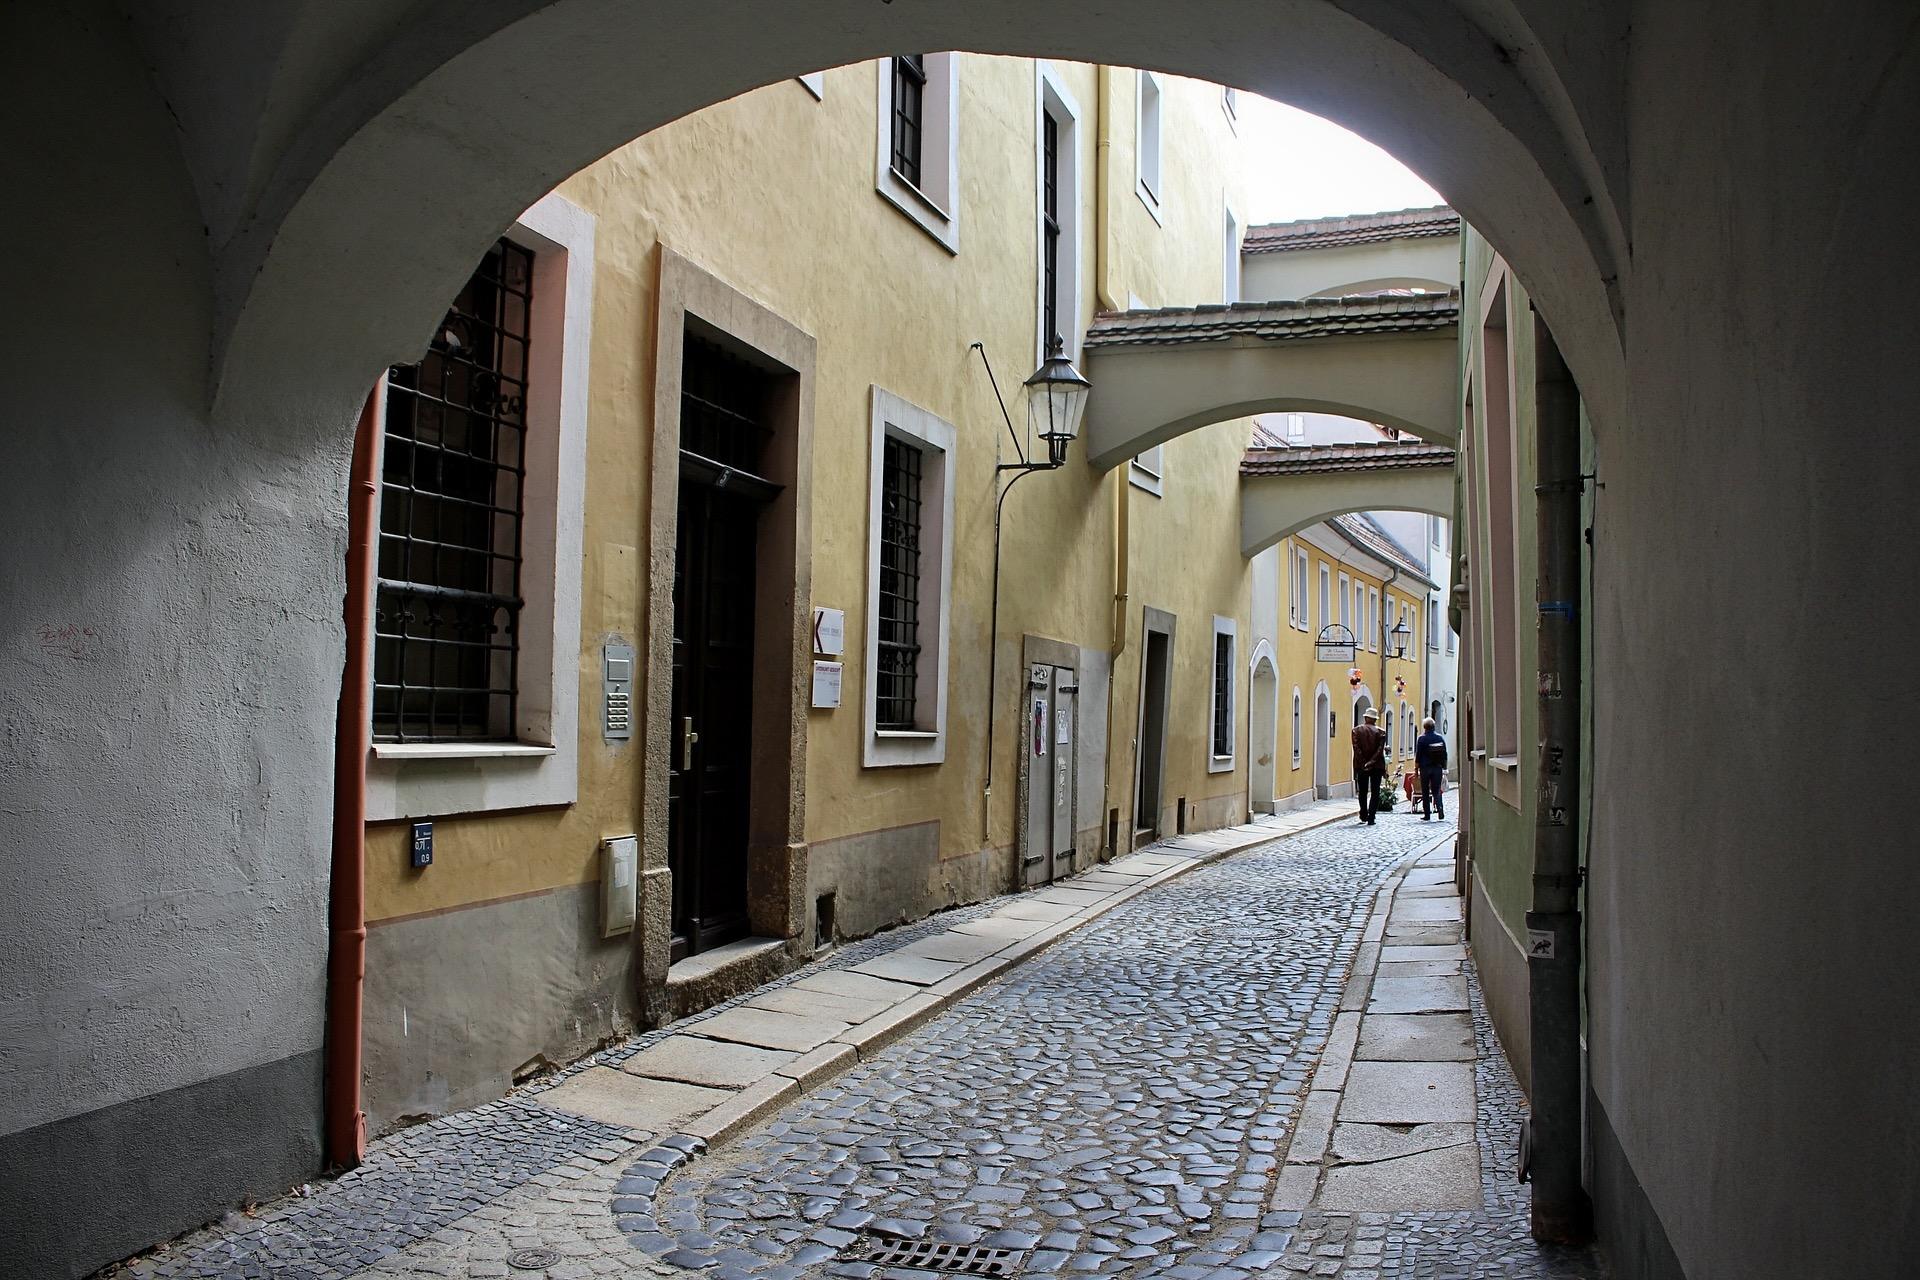 Die Filmstadt Görlitz ist eine der schönsten Städte Deutschlands